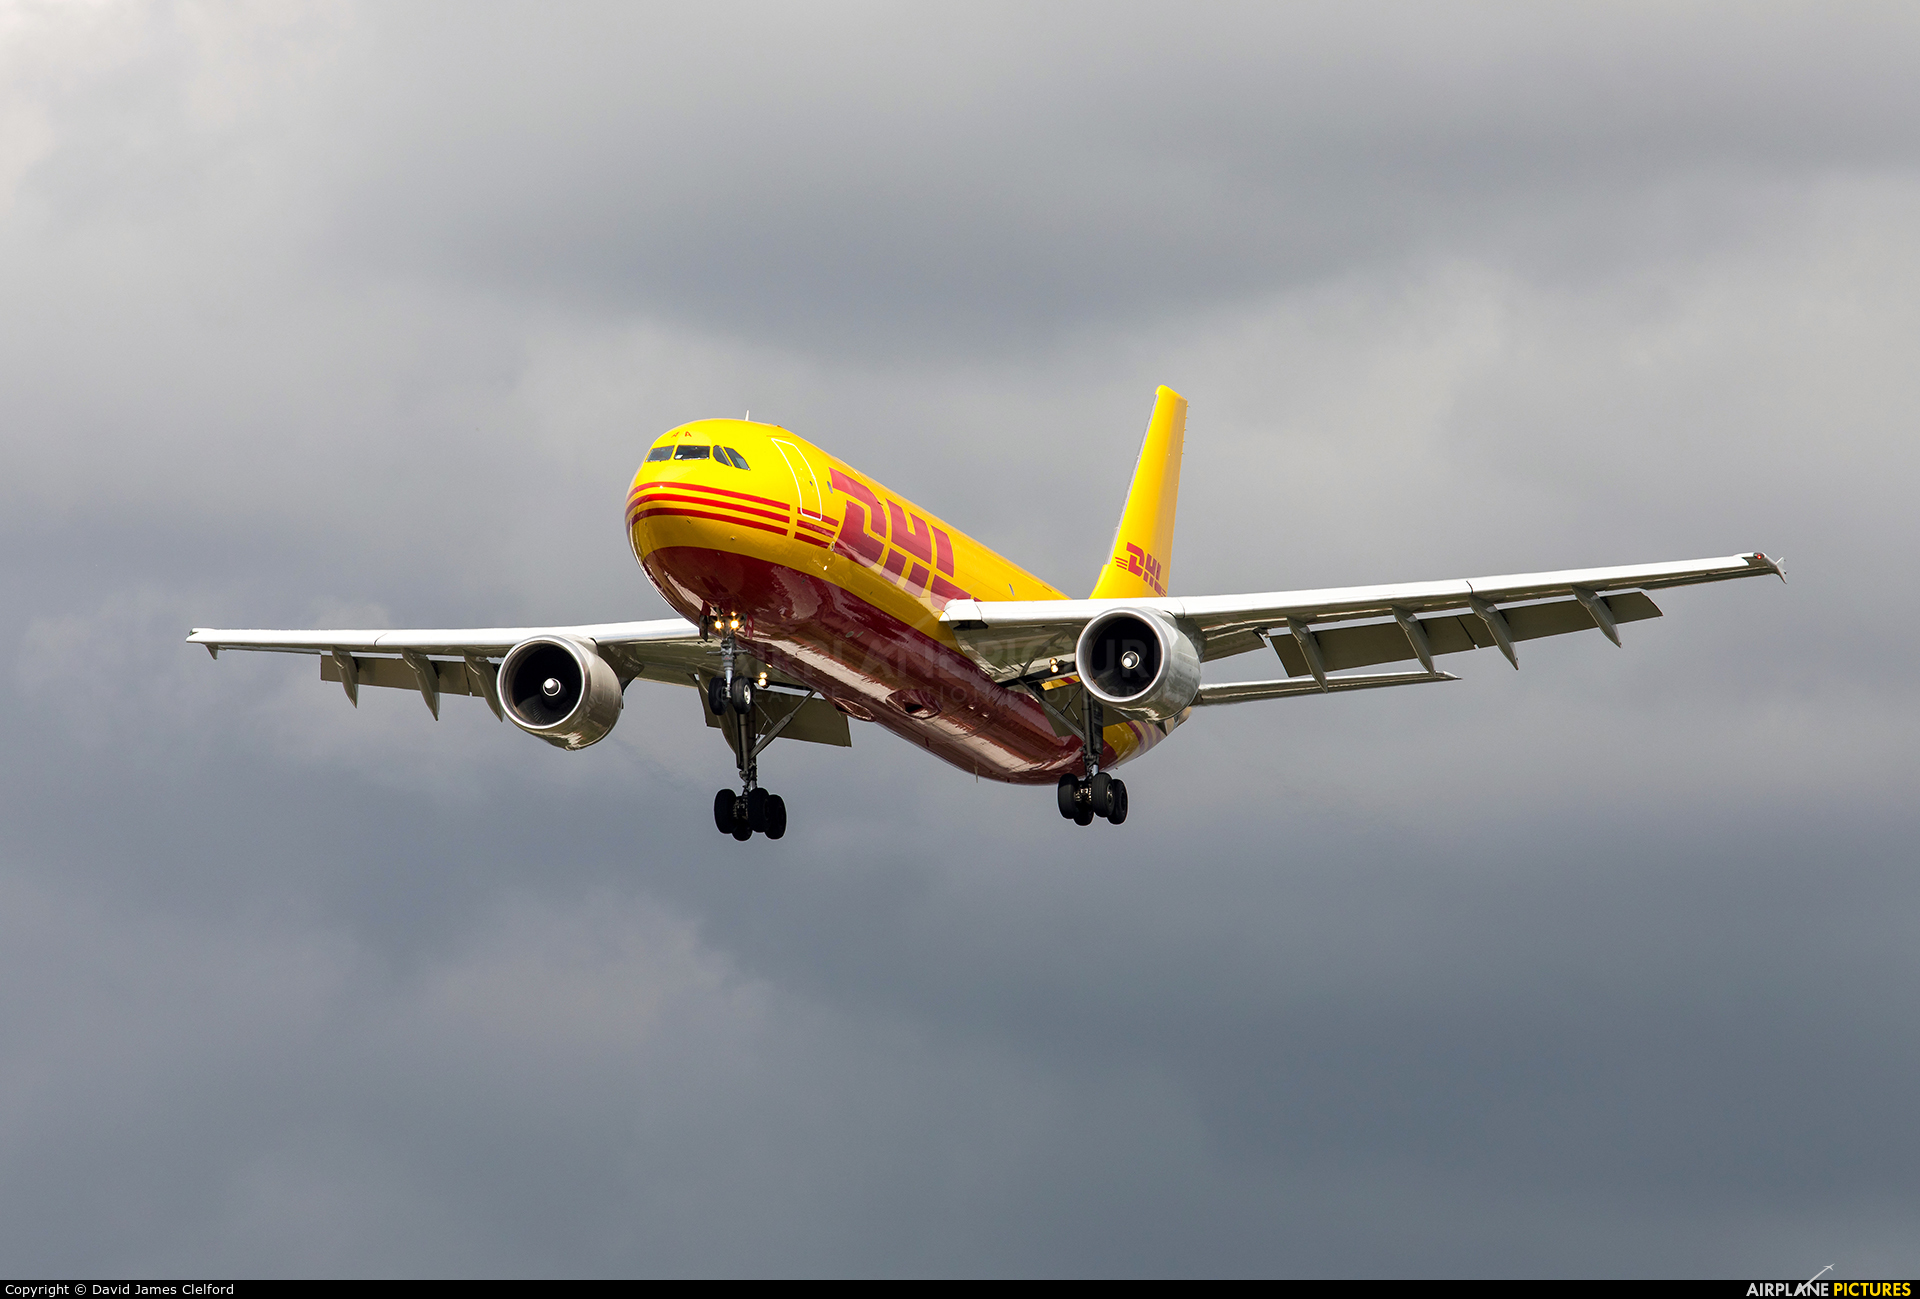 DHL Cargo D-AEAA aircraft at London - Heathrow